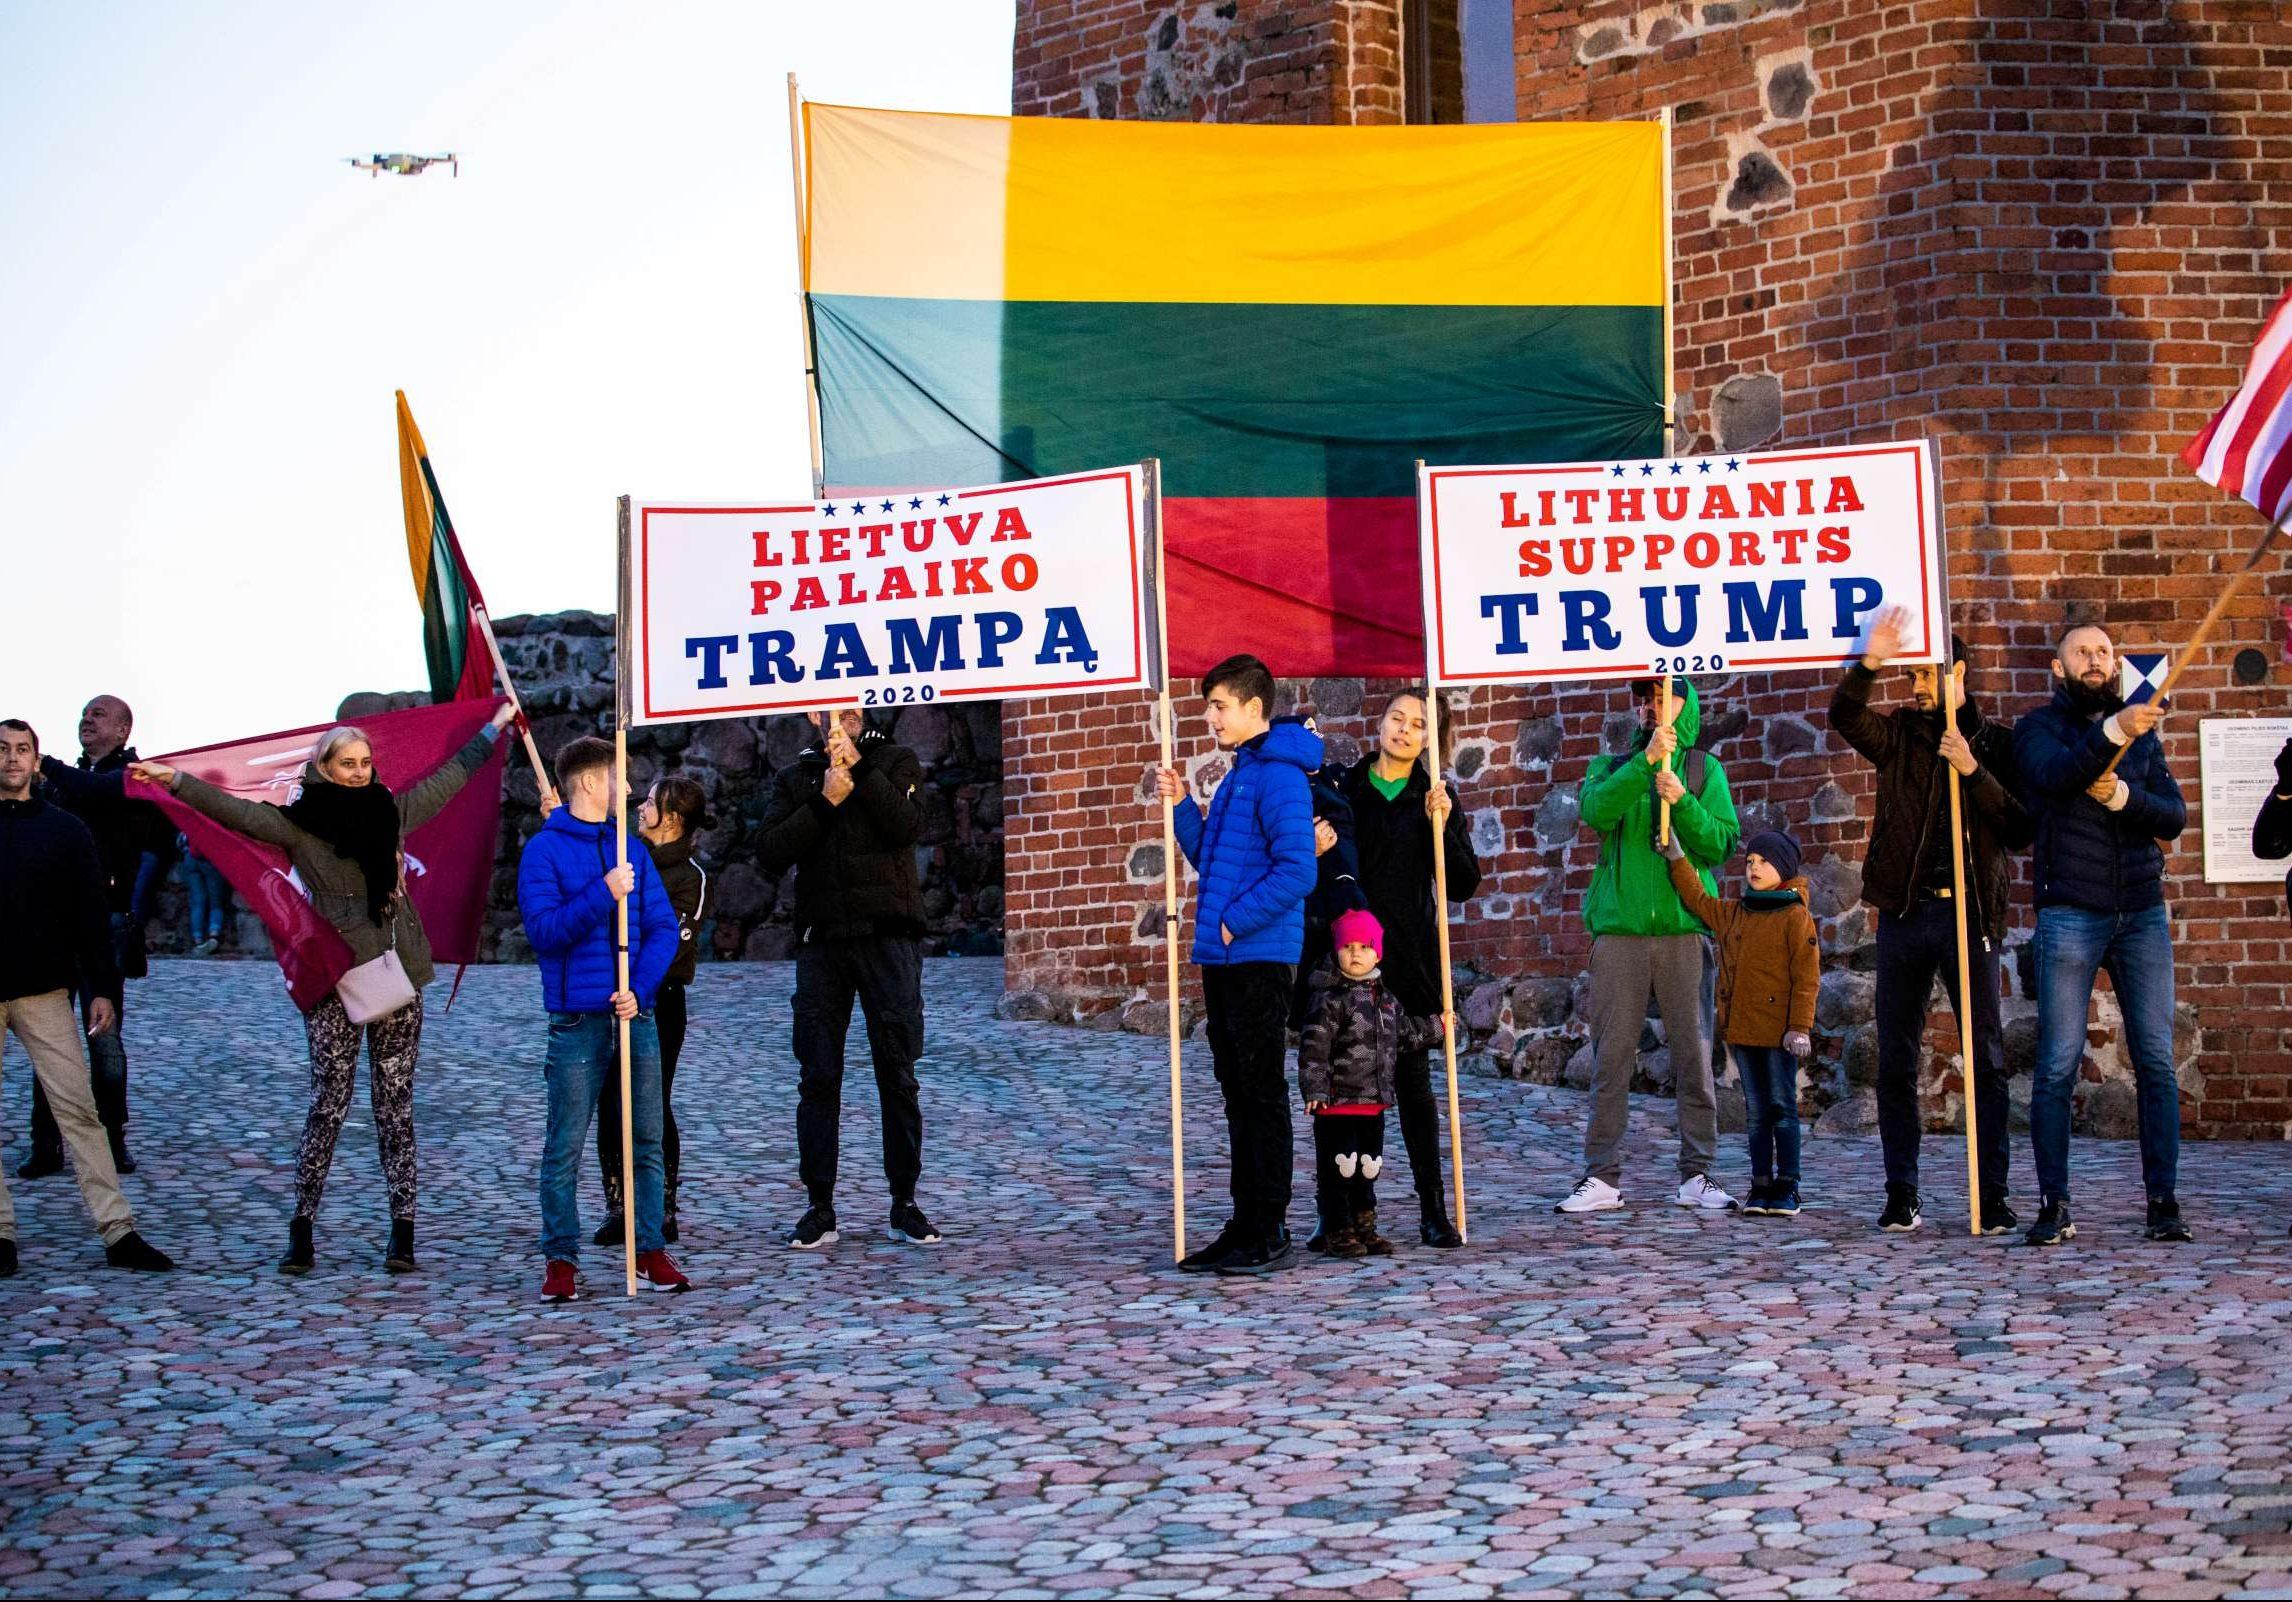 Vilniuje surengta JAV prezidento D. Trampo politikos palaikymo akcija | Alkas.lt, K. Tamašausko nuotr.